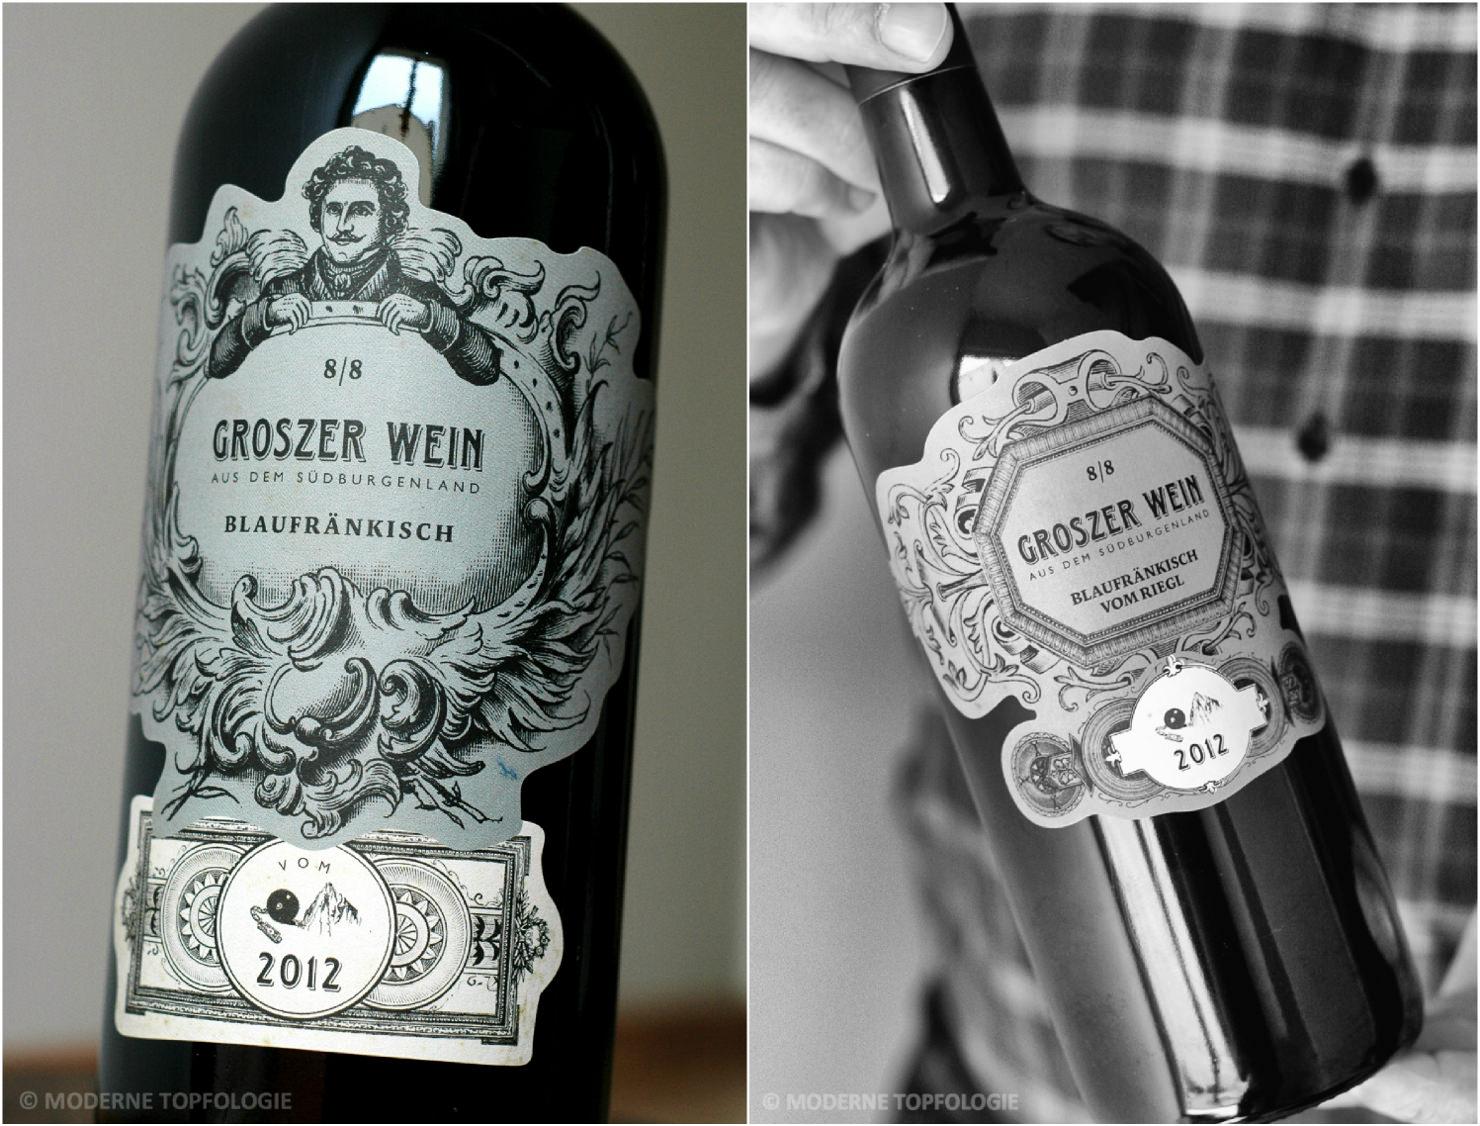 Blaufränkisch und Blaufränkisch vom Riegl von Groszer Wein im Burgenland / Österreich. #MoToLogie #Wein